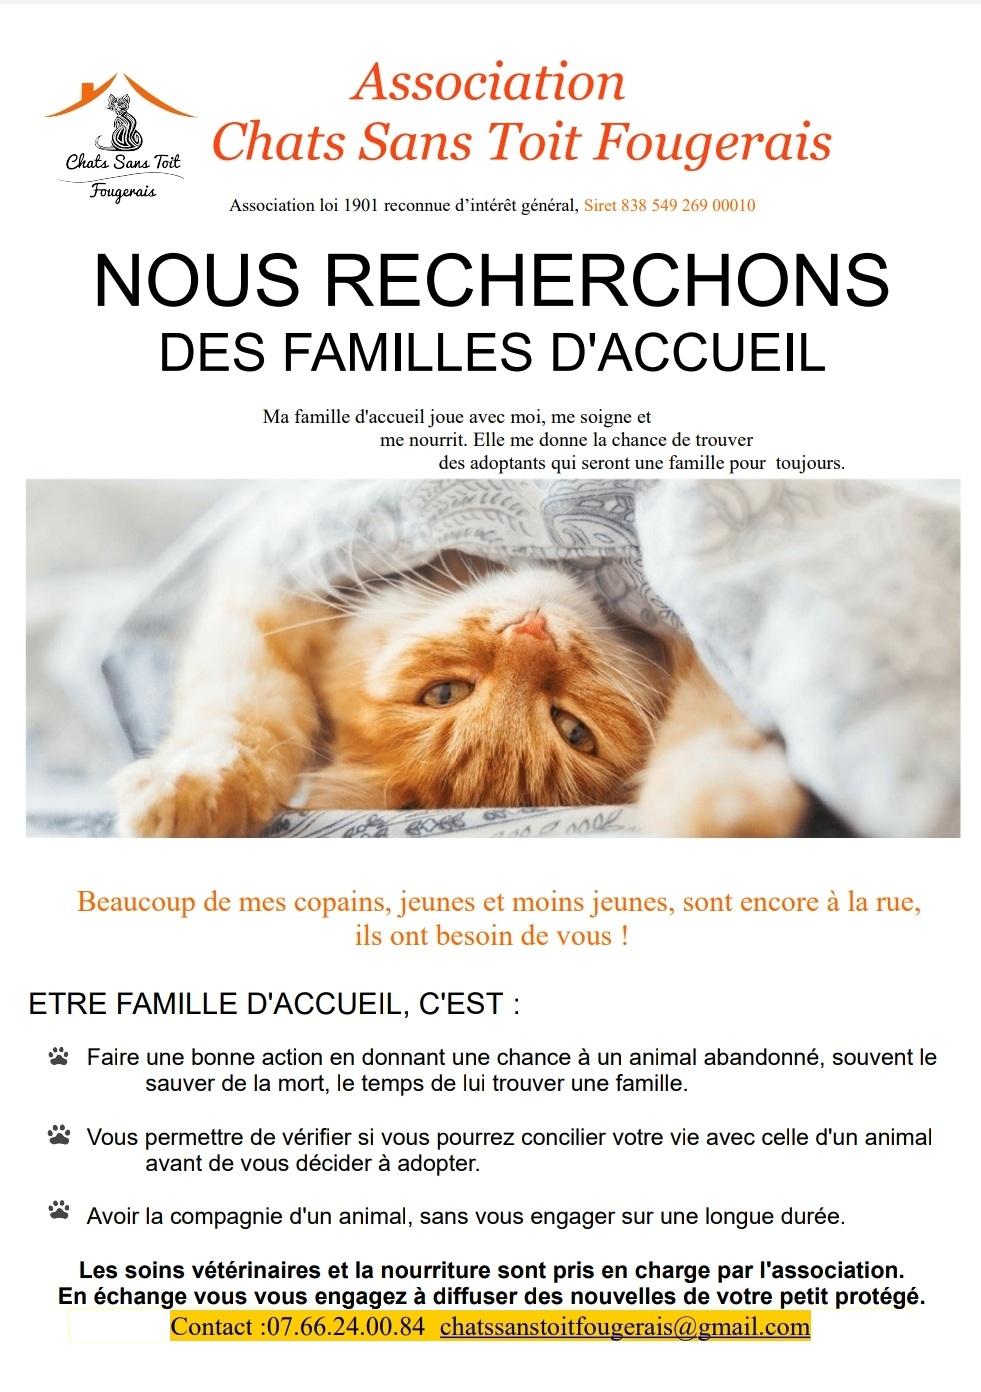 RECHERCHE FAMILLE D'ACCEUIL - SECTEUR FOUGERES (35)